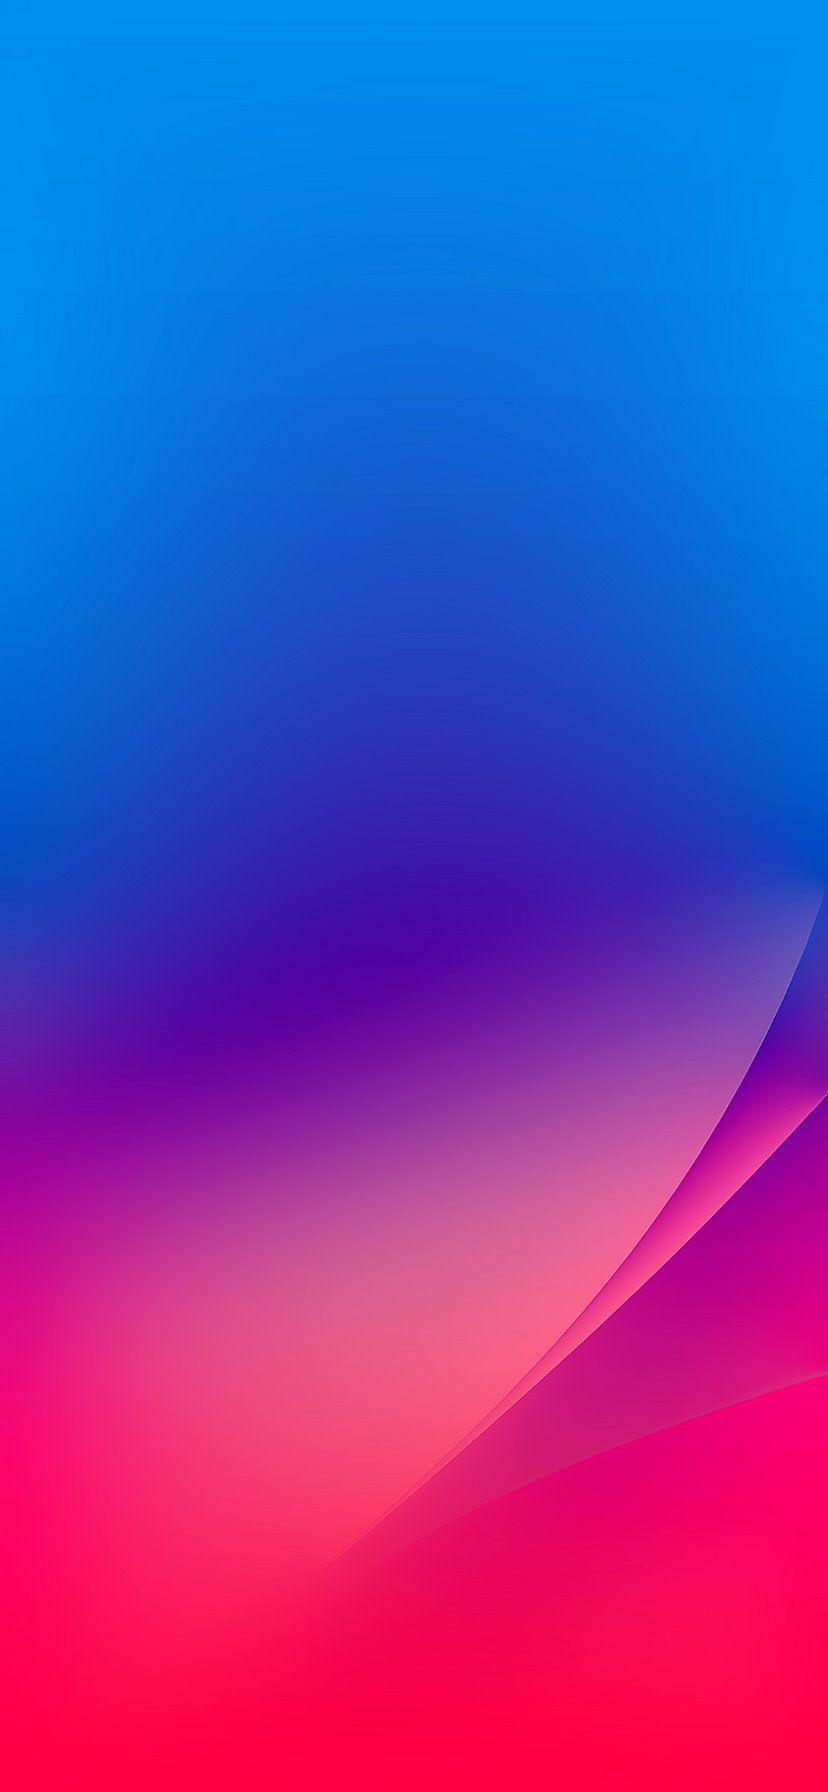 Wallpapers iPhone XR Pack 1 (avec images) Fond d'écran